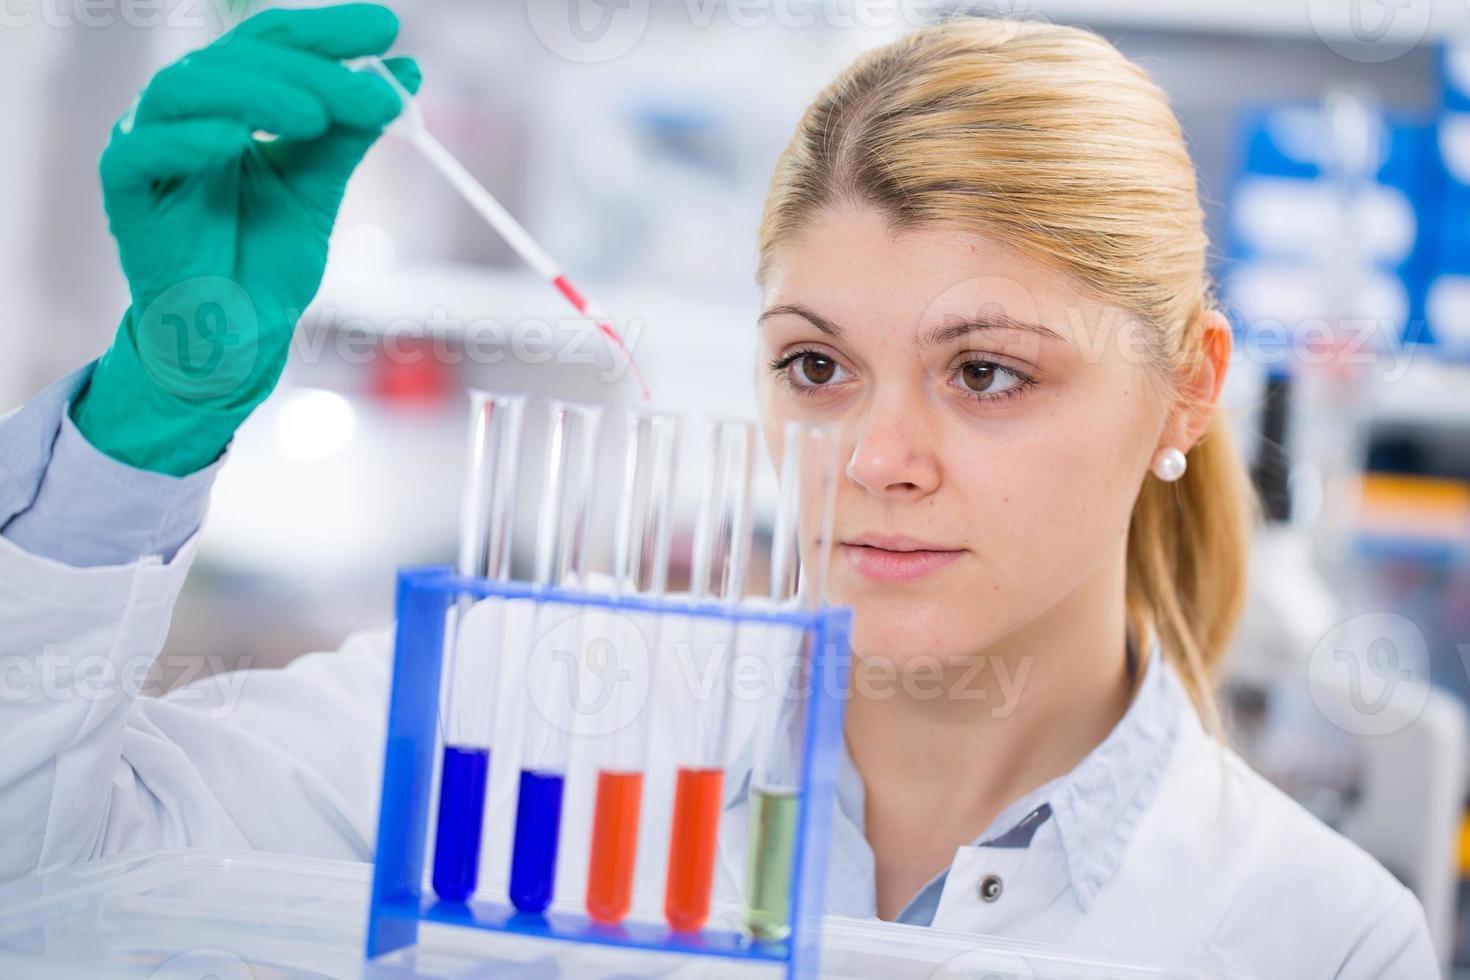 laboratorio genético foto